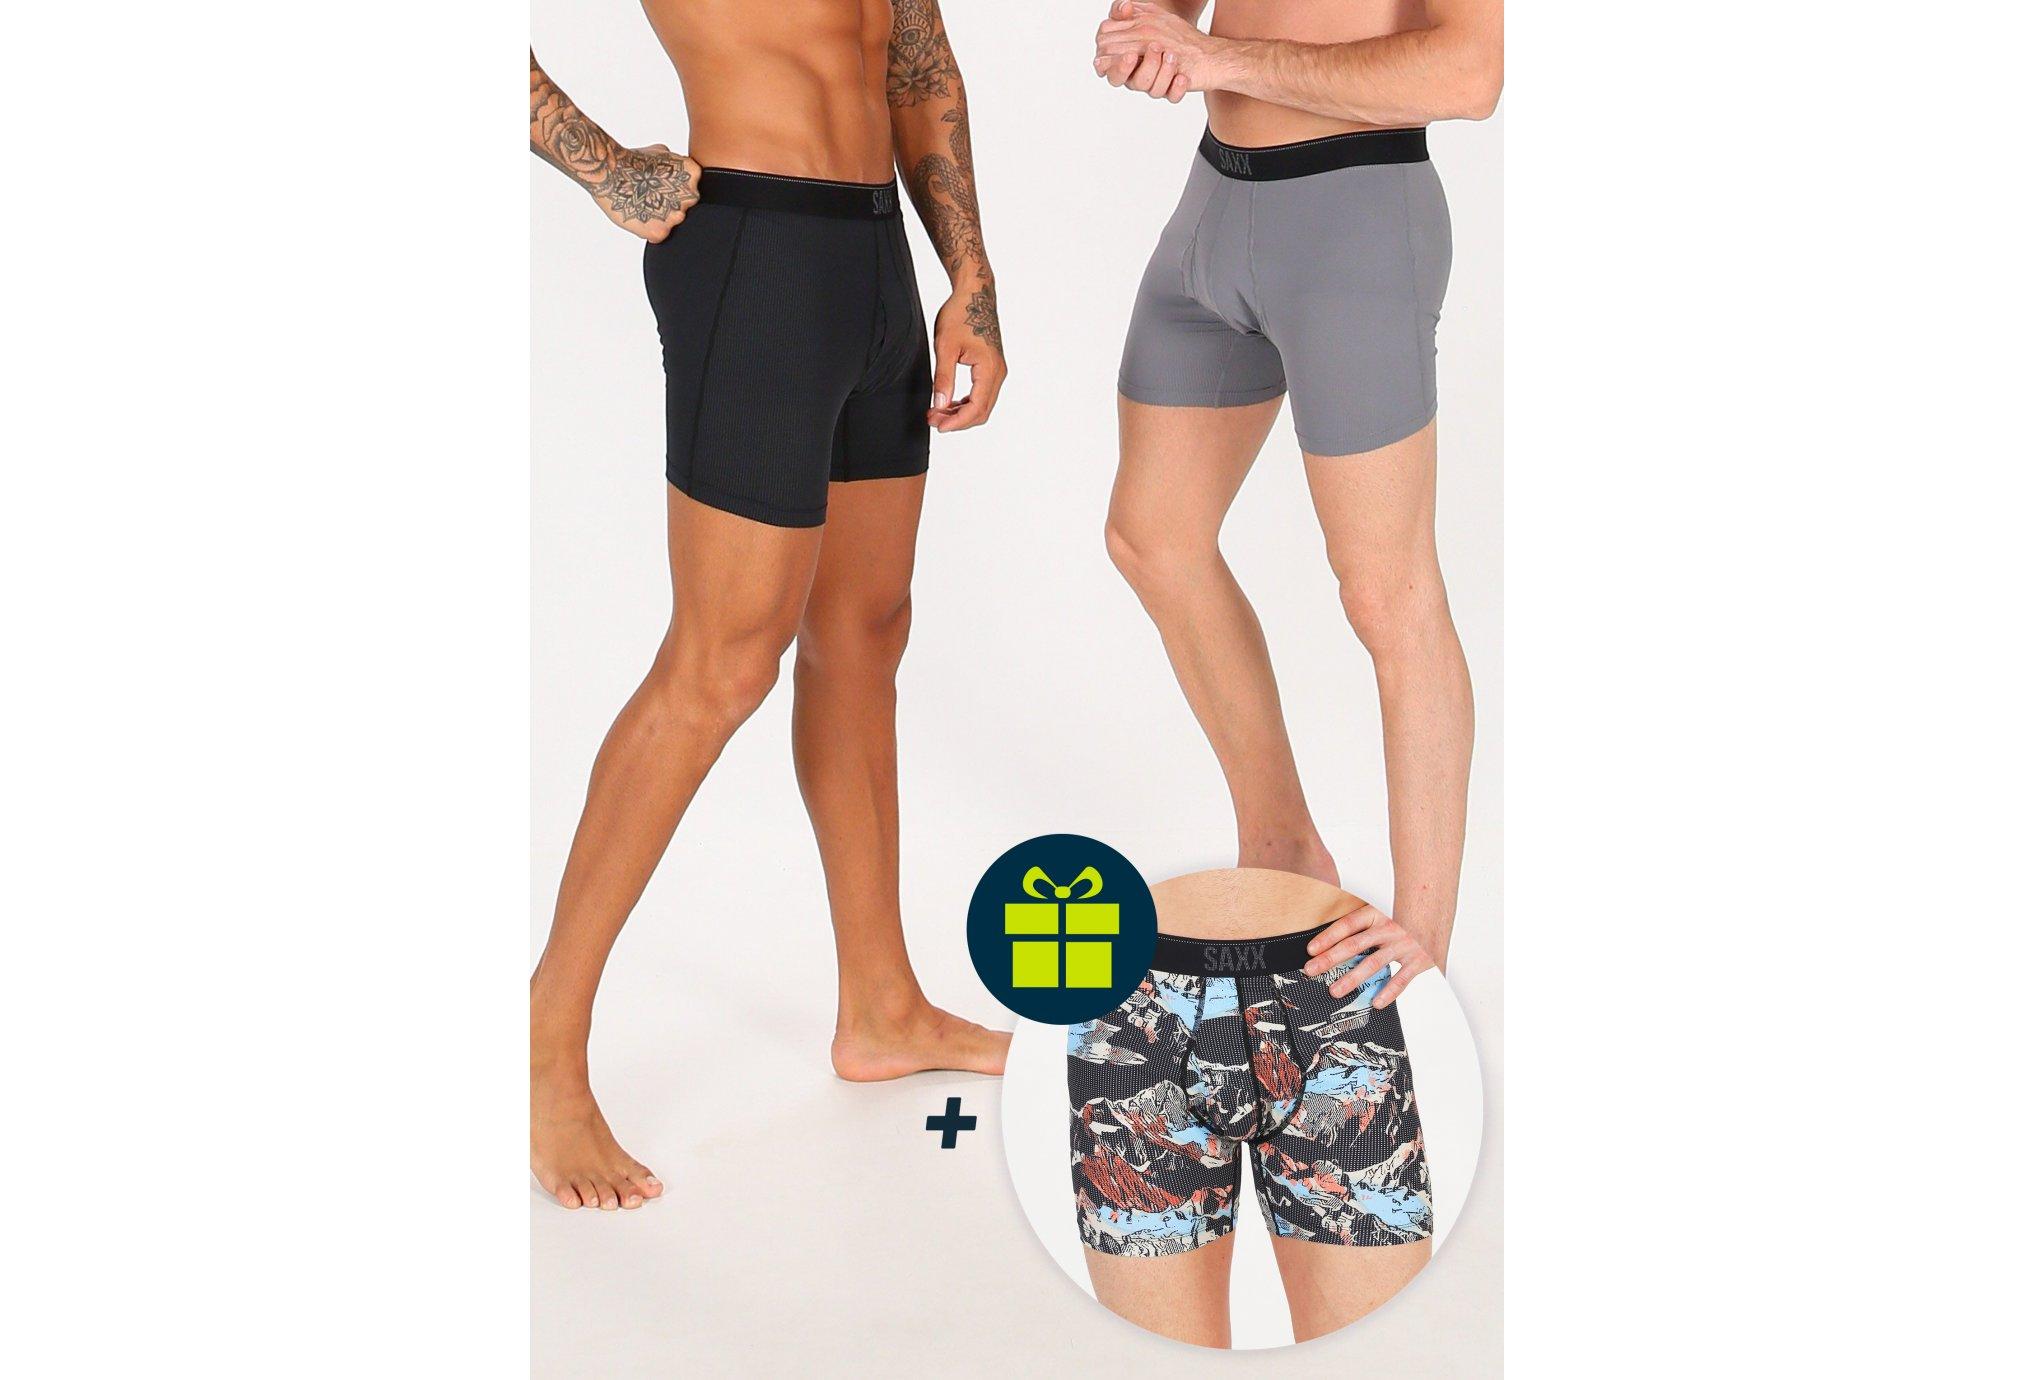 Saxx Lot de 2 boxers Quest + 1 offert M vêtement running homme